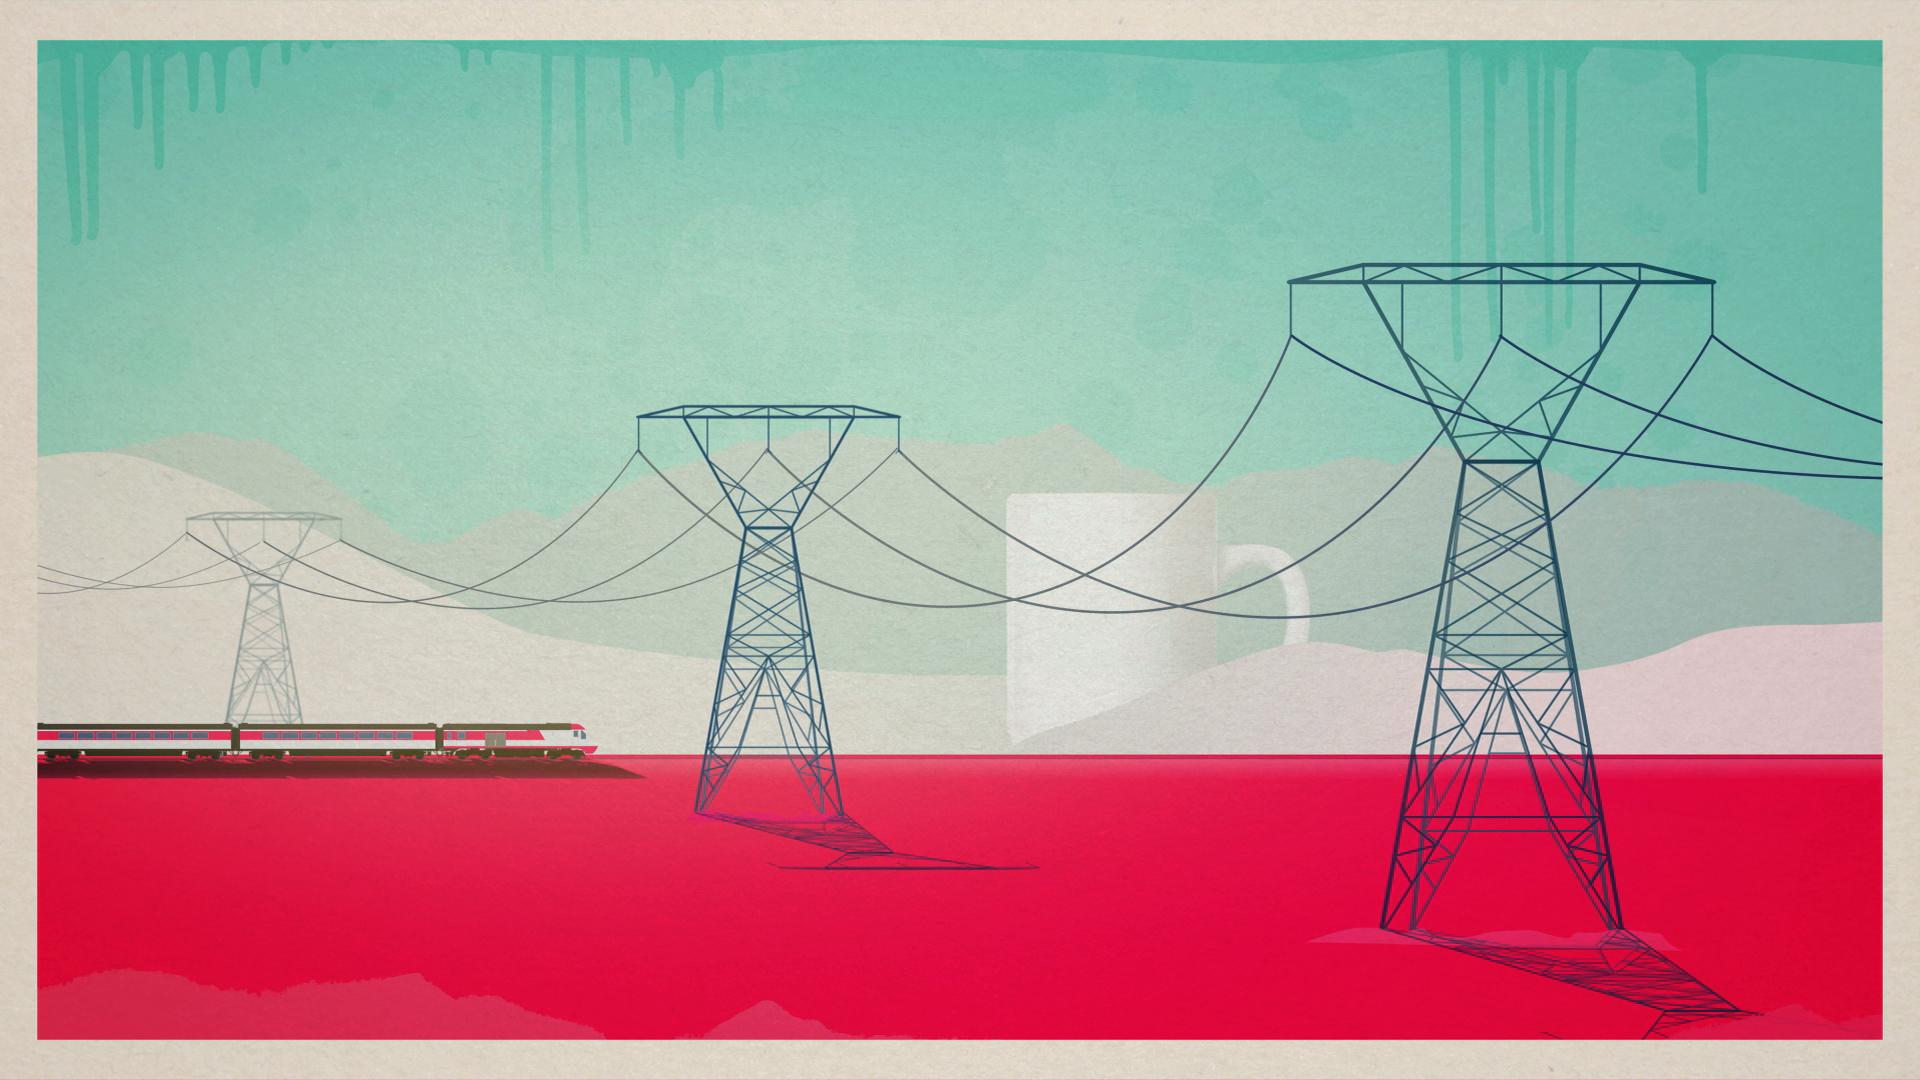 Powershop – Power Price